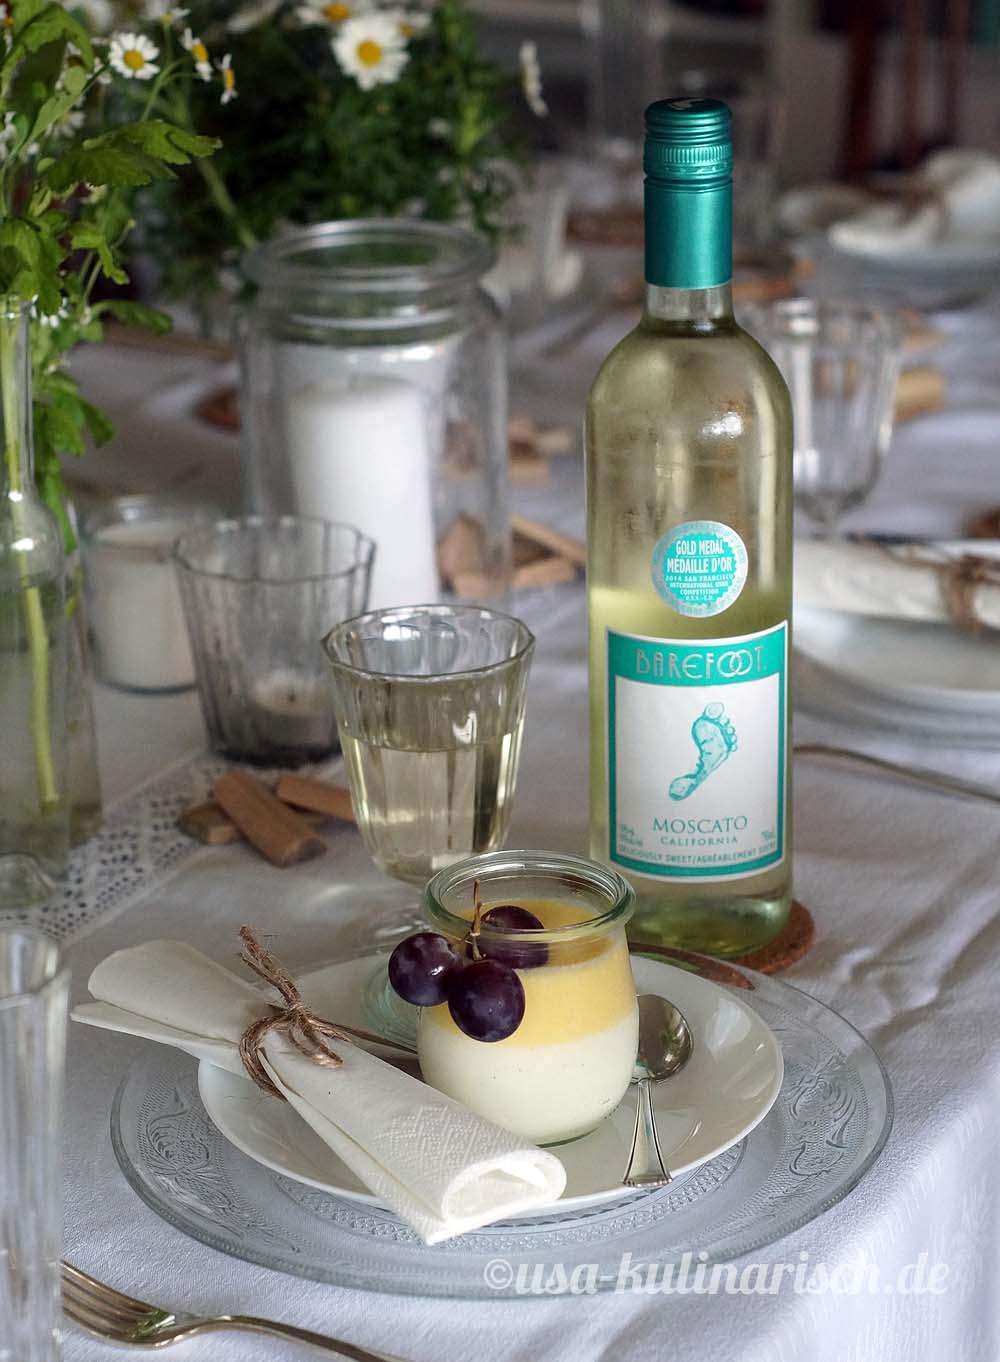 Das Dessert: Welfencreme mit Barefoot Wine Moscato